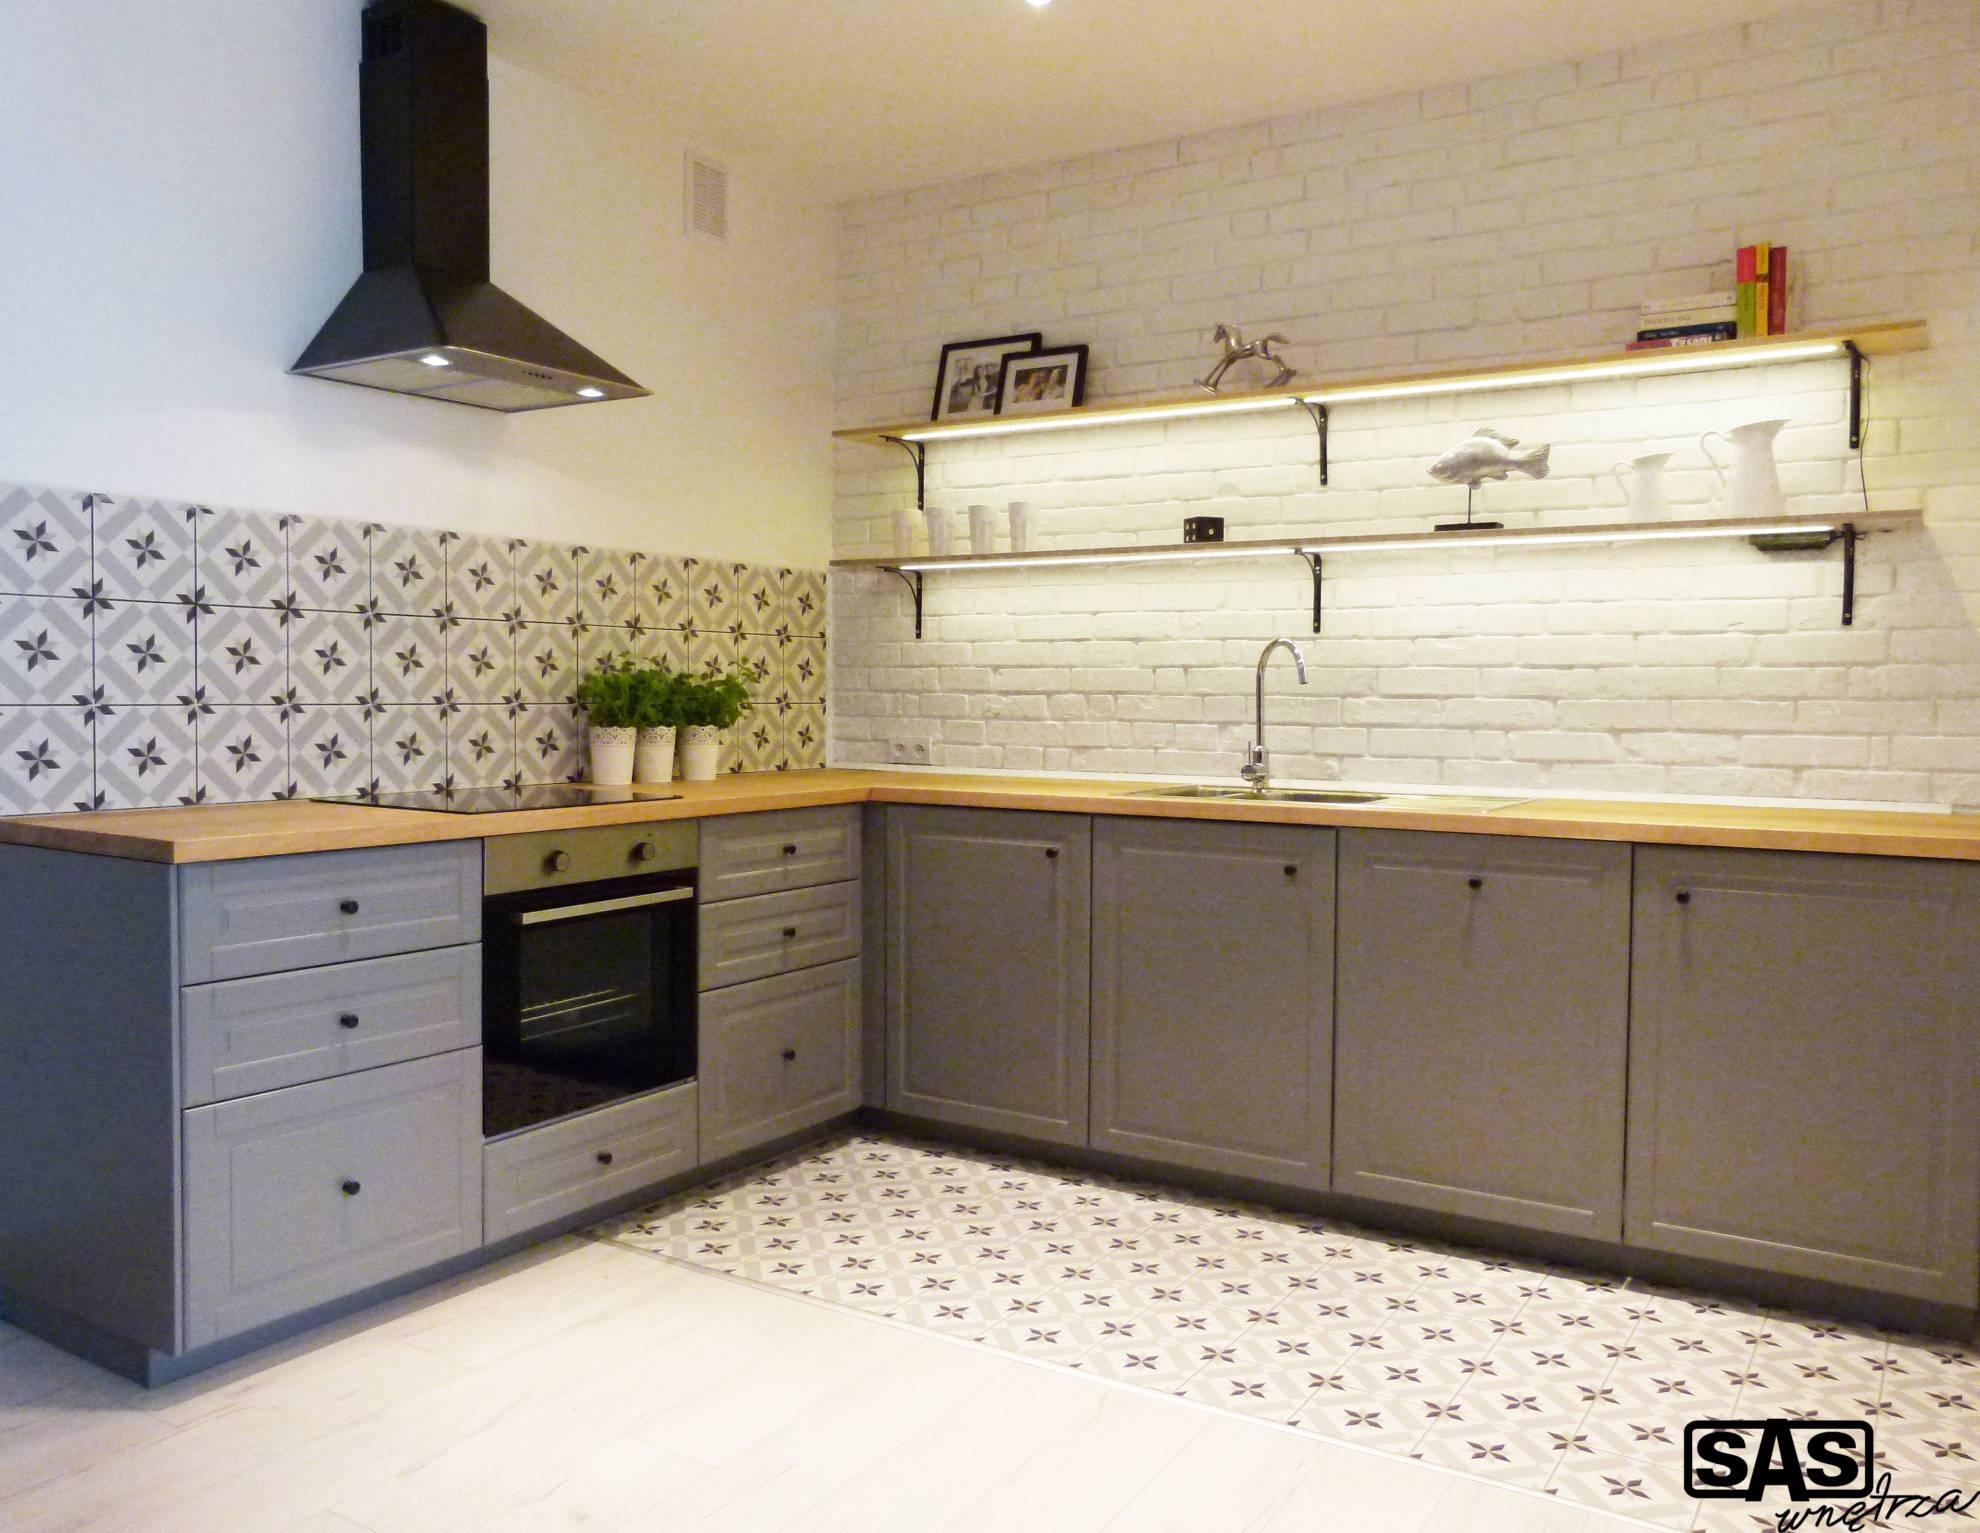 Aranżacja kuchni na wynajme - meble kuchenne wykonanie SAS Wnętrza i Kuchnie, projekt architekt wnętrz Emilia Strzempek Plasun.